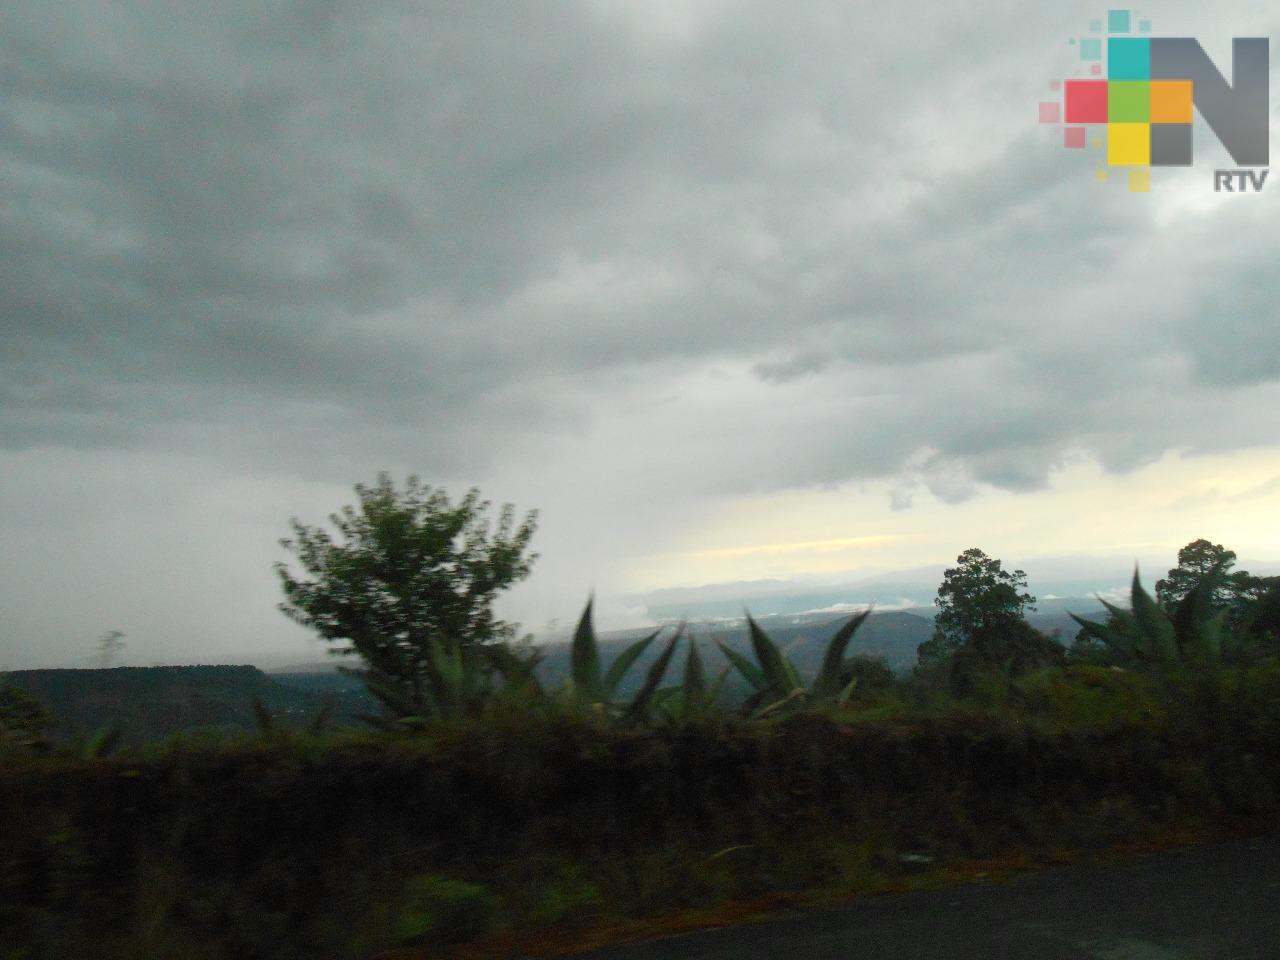 Cielo medio nublado en gran parte de Veracruz; lluvias por la tarde-noche